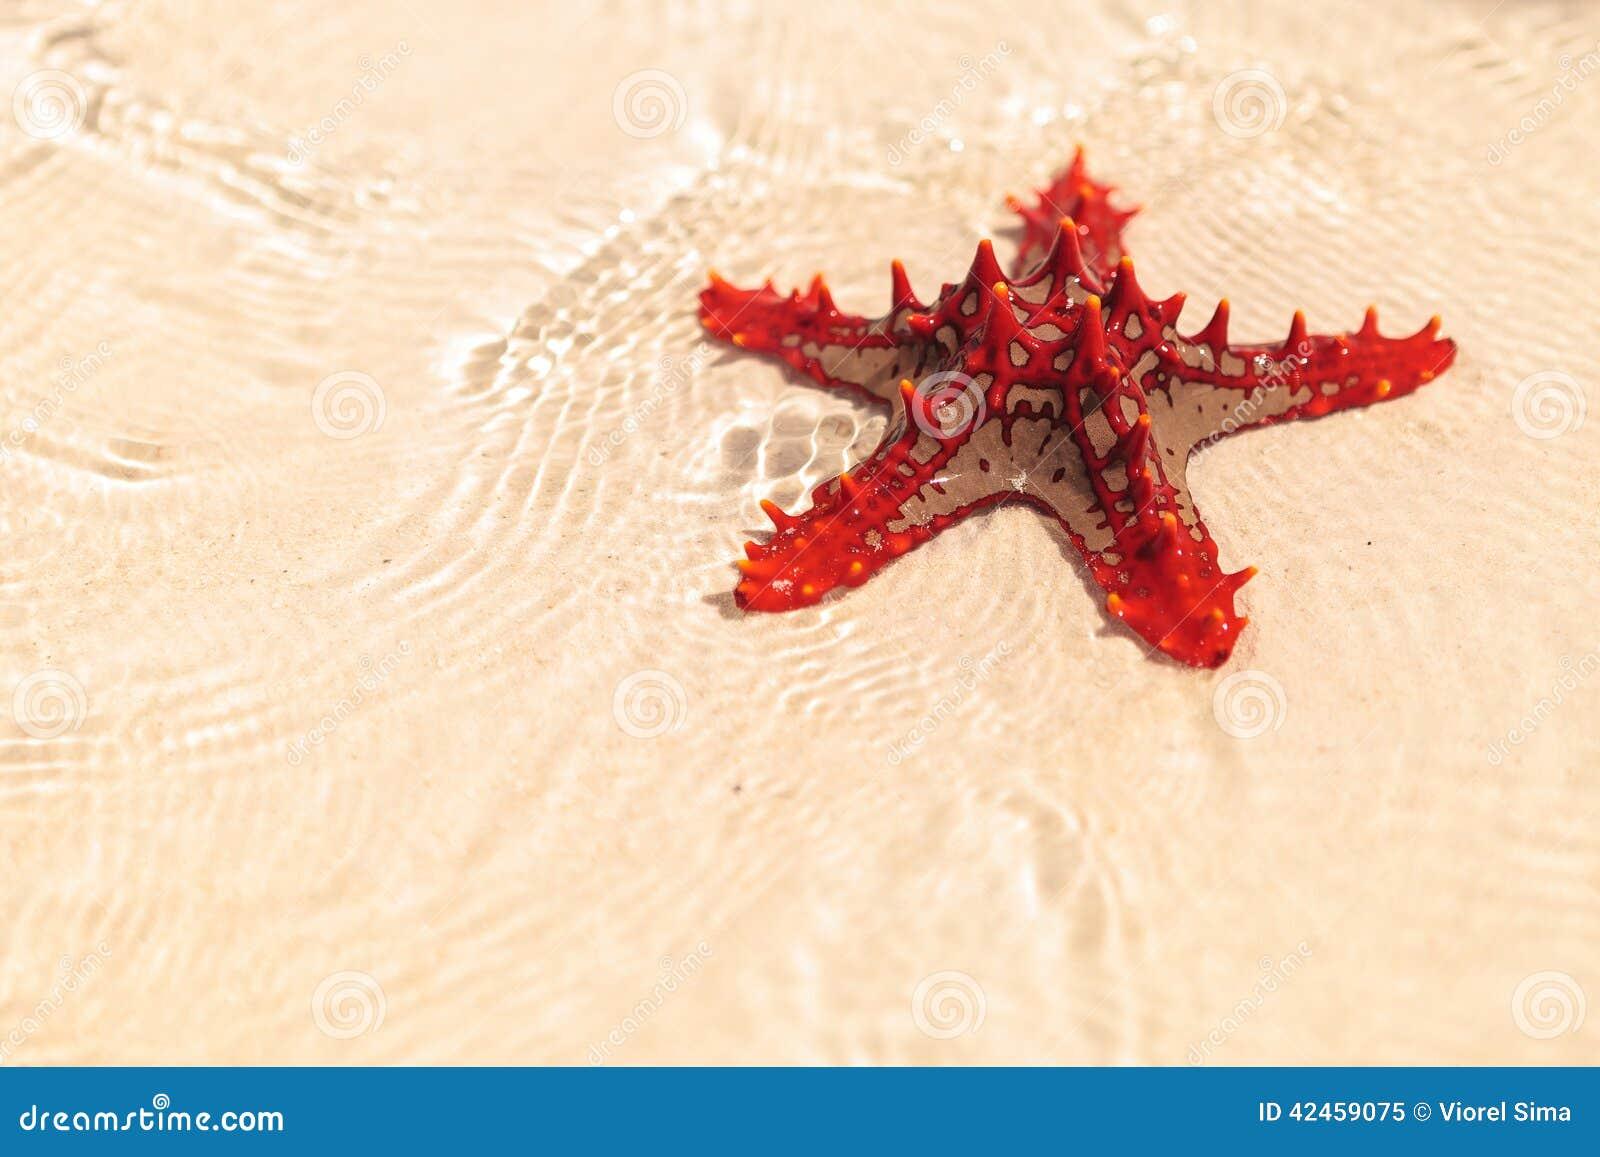 Schöne rote Starfish im seichten Strandwasser